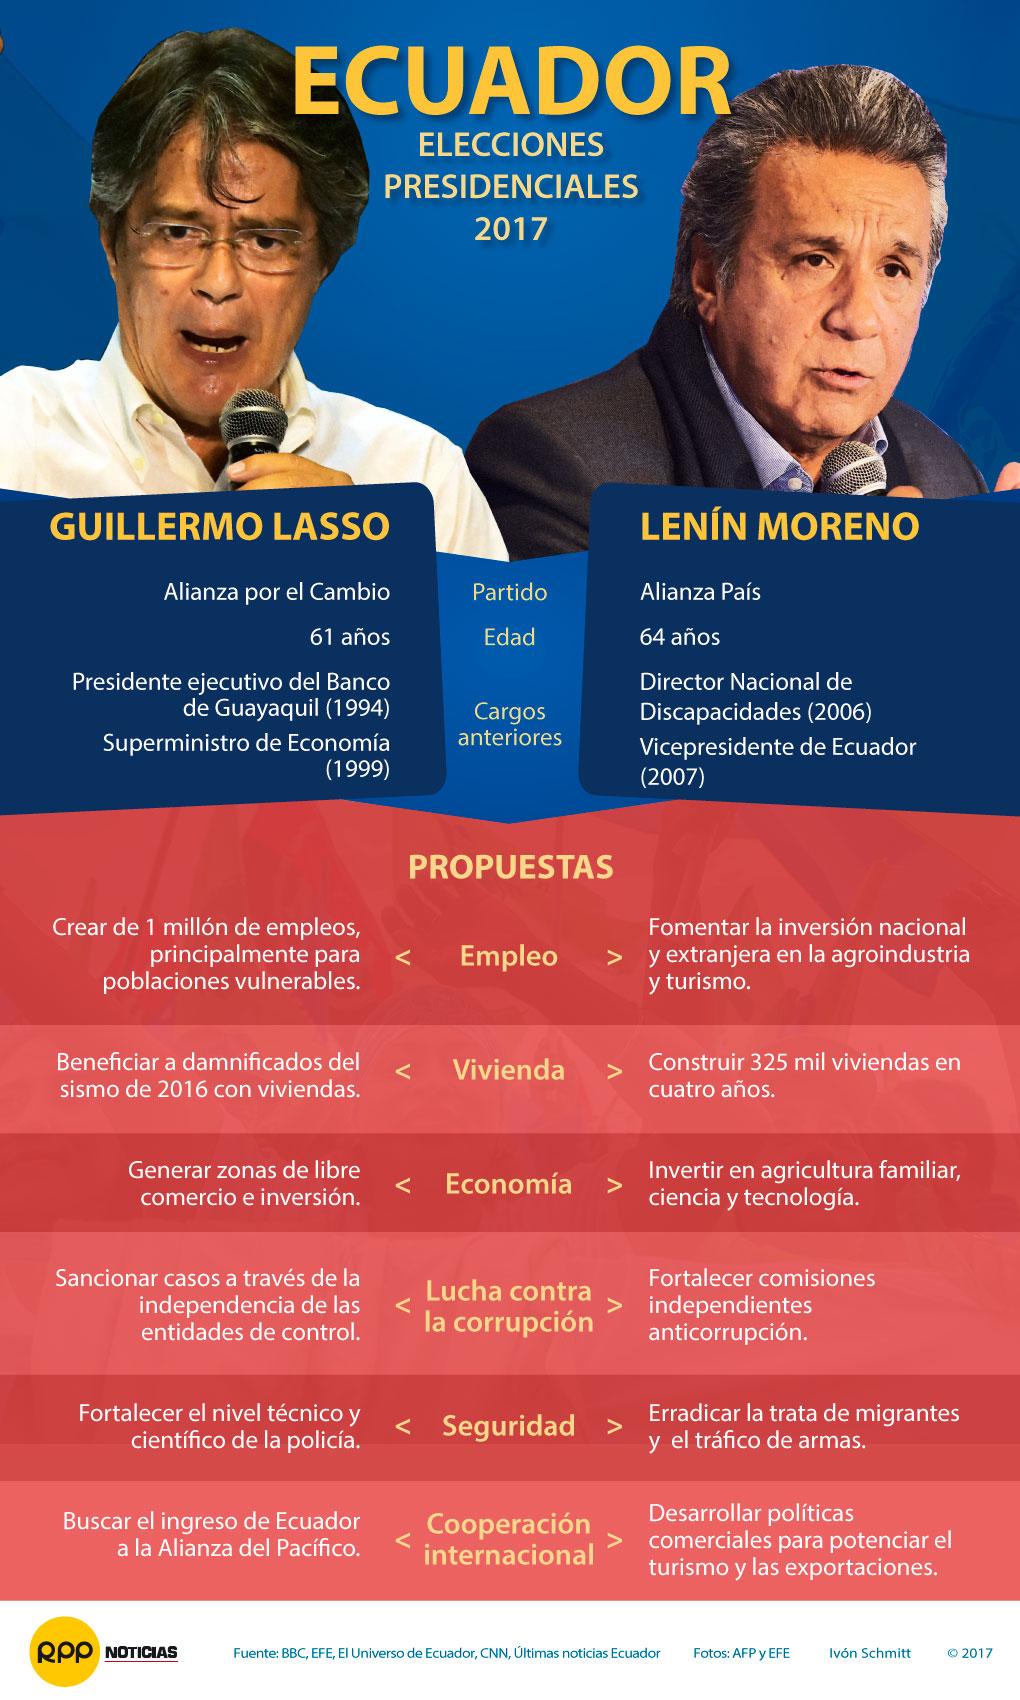 Elecciones presidenciales en Ecuador 2017